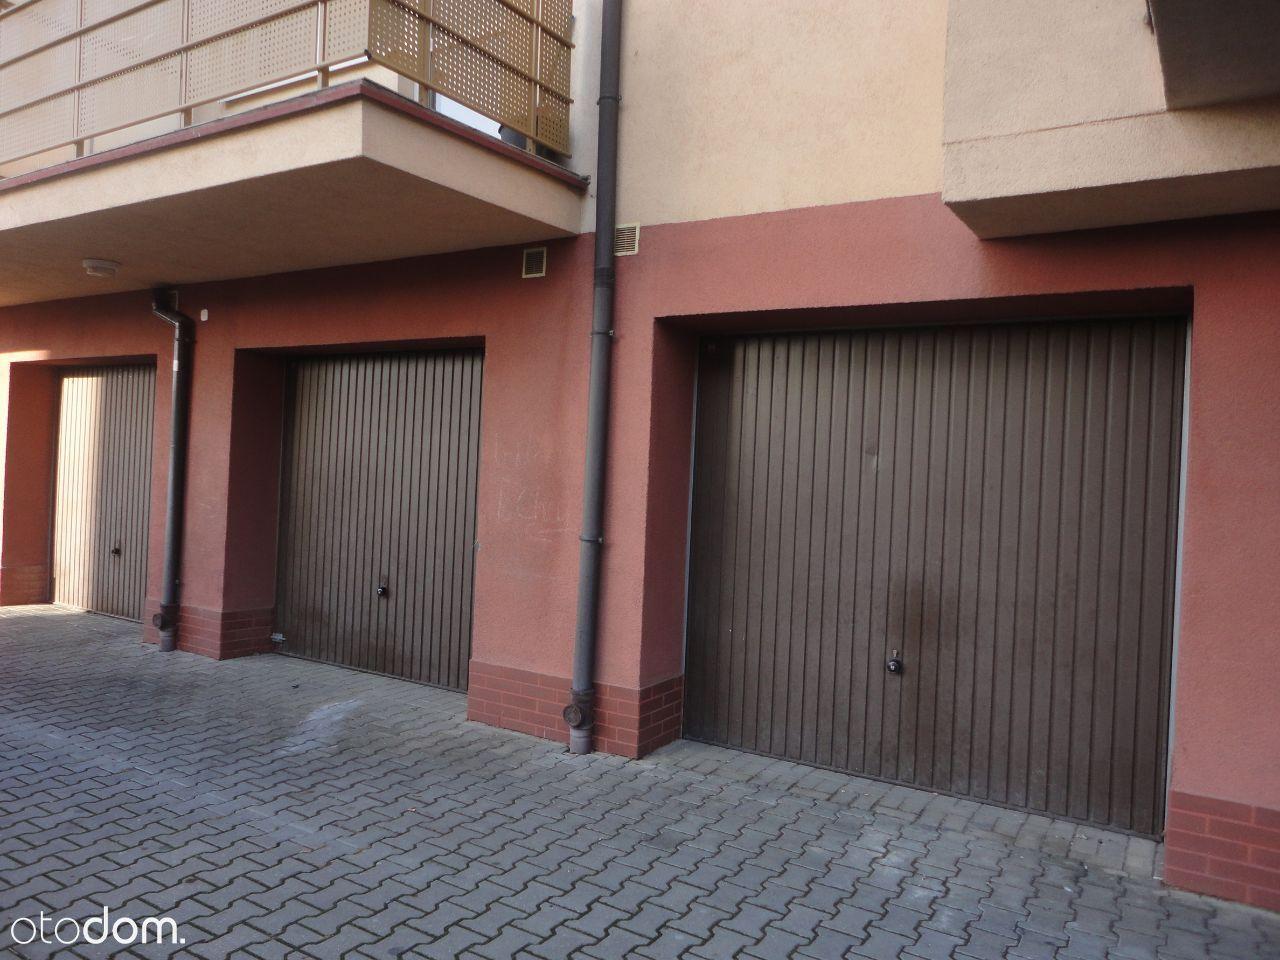 Garaż na sprzedaż, Gorzów Wielkopolski, Górczyn - Foto 3